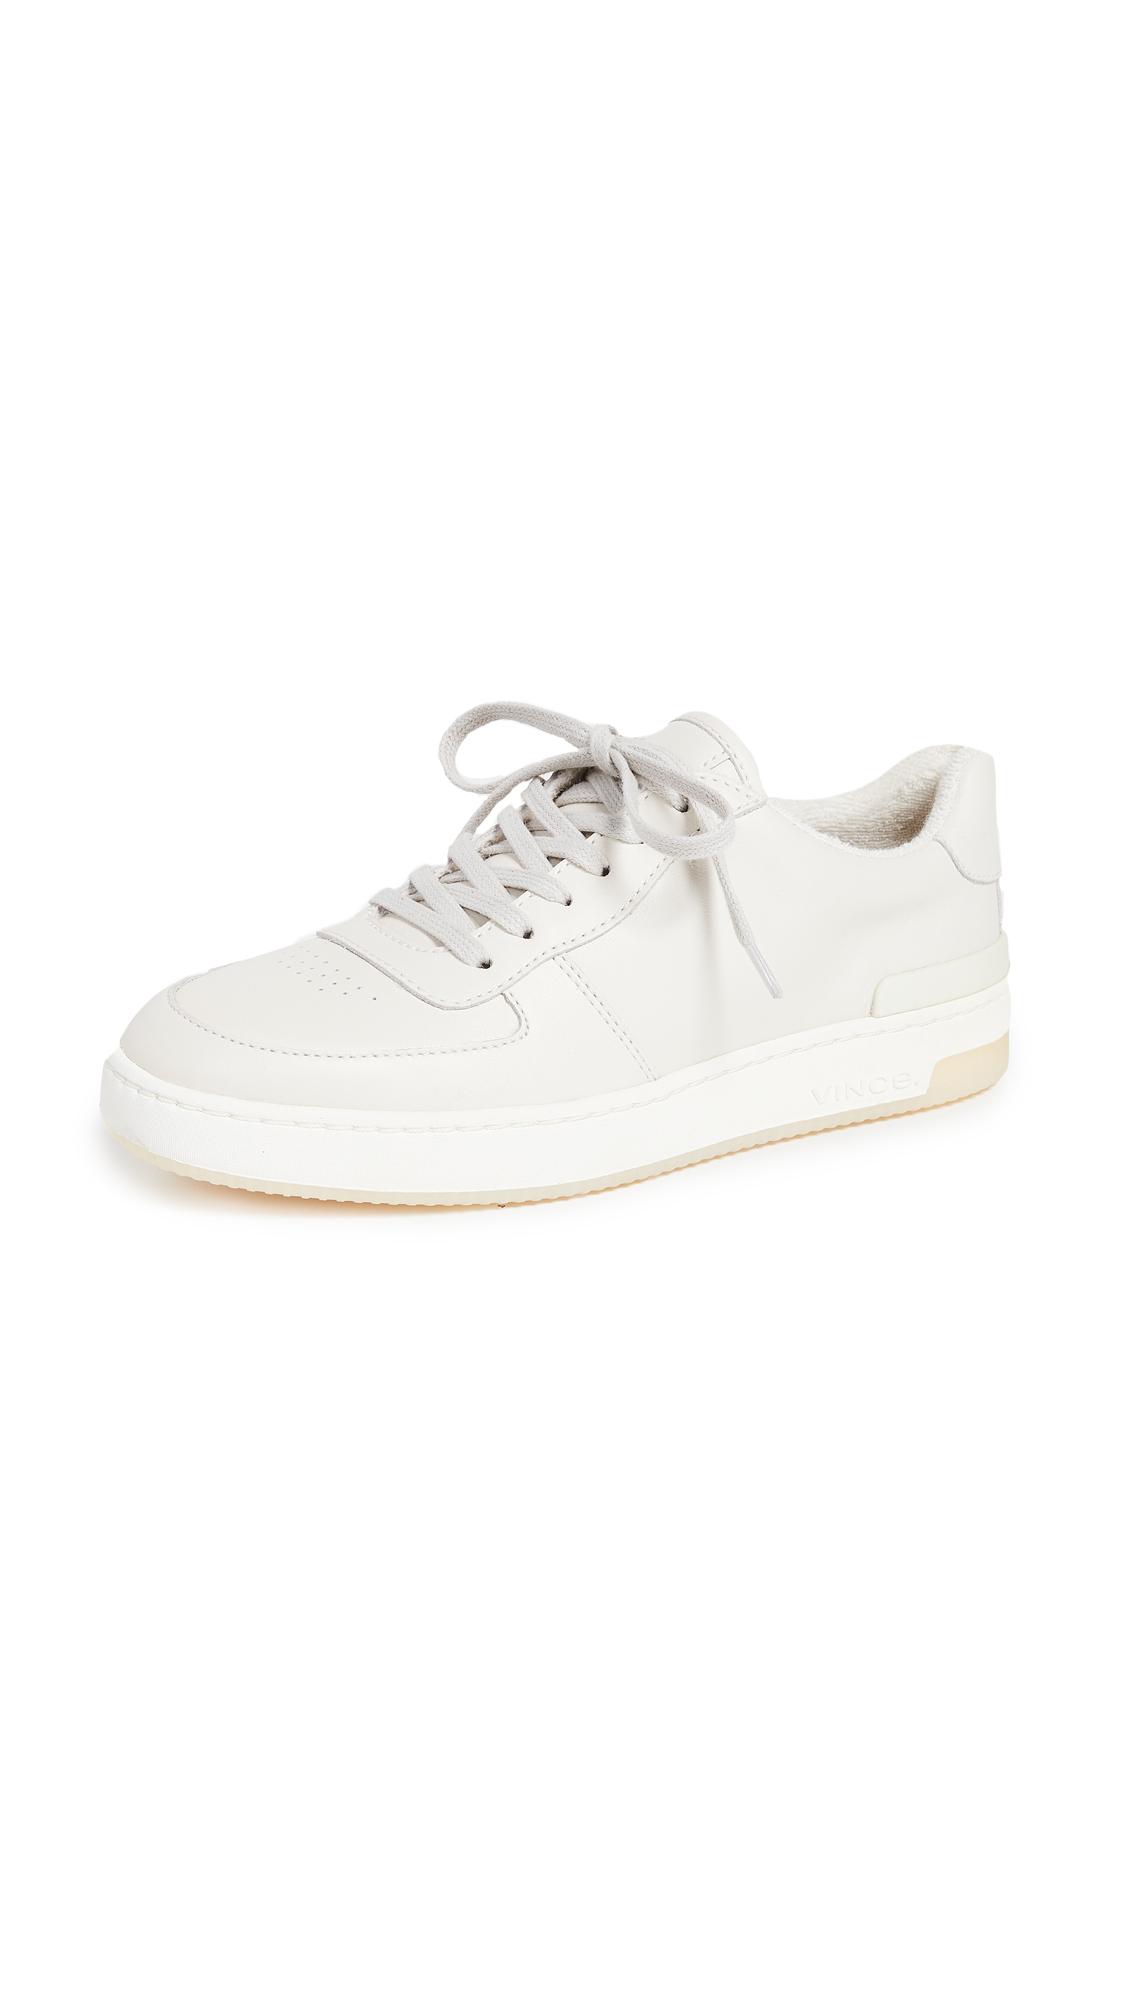 Vince Rendel Sneakers - Vintage White